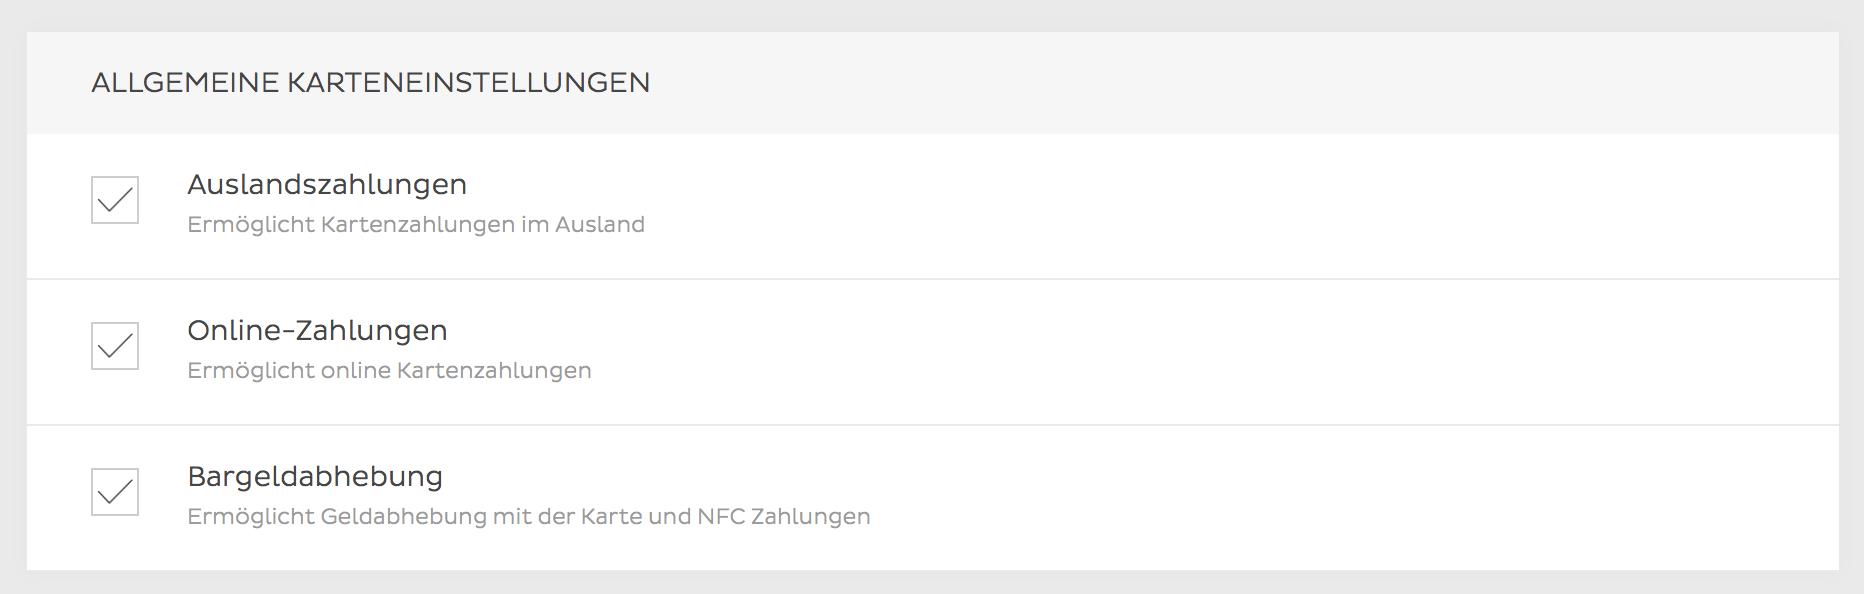 N26 Konto gesperrt - Allgemeine Karteneinstellungen